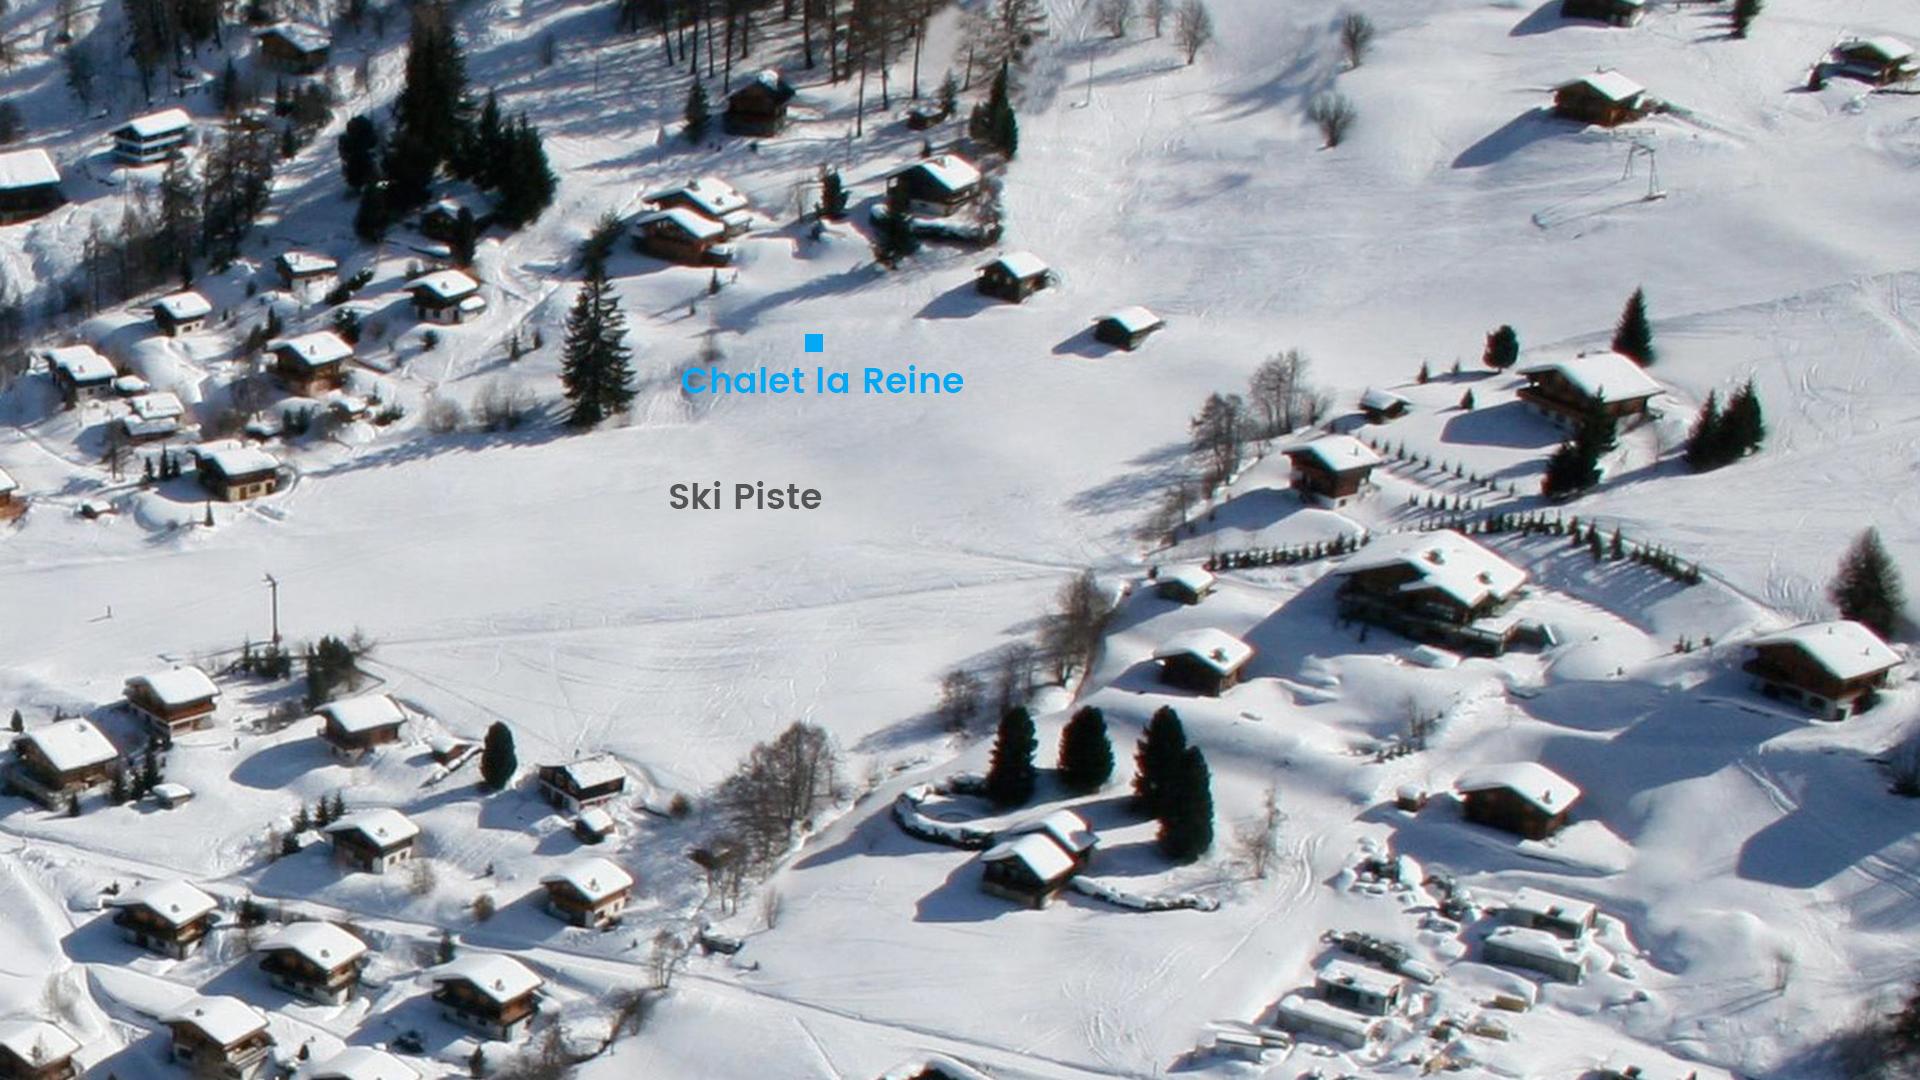 Chalets les Reines des Alpes Chalet, Switzerland